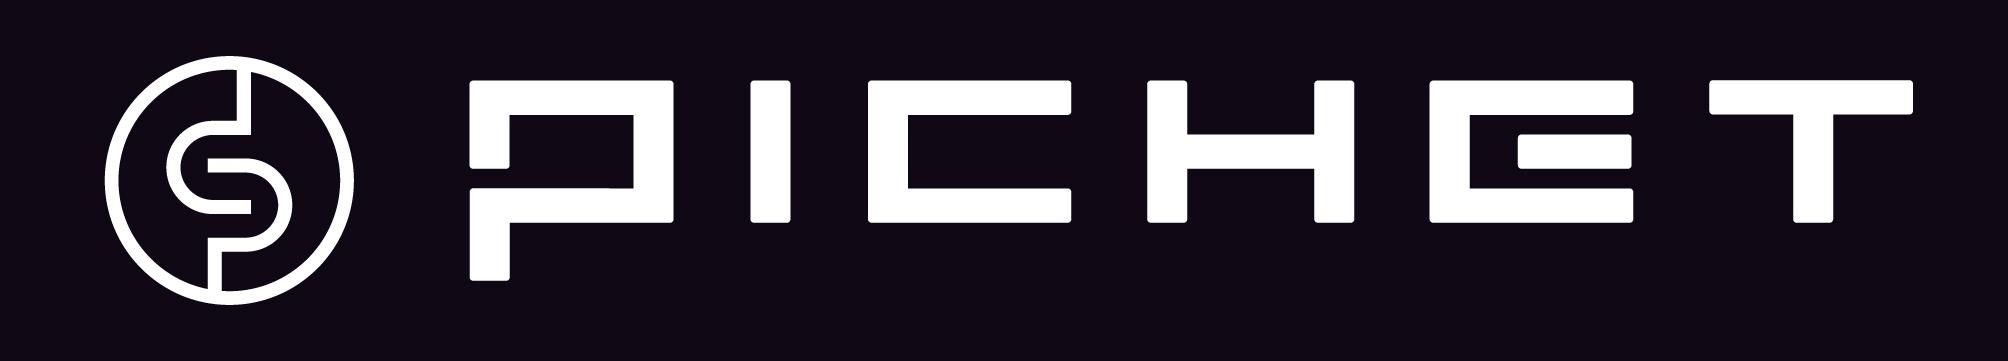 logo de l'agence GROUPE PICHET